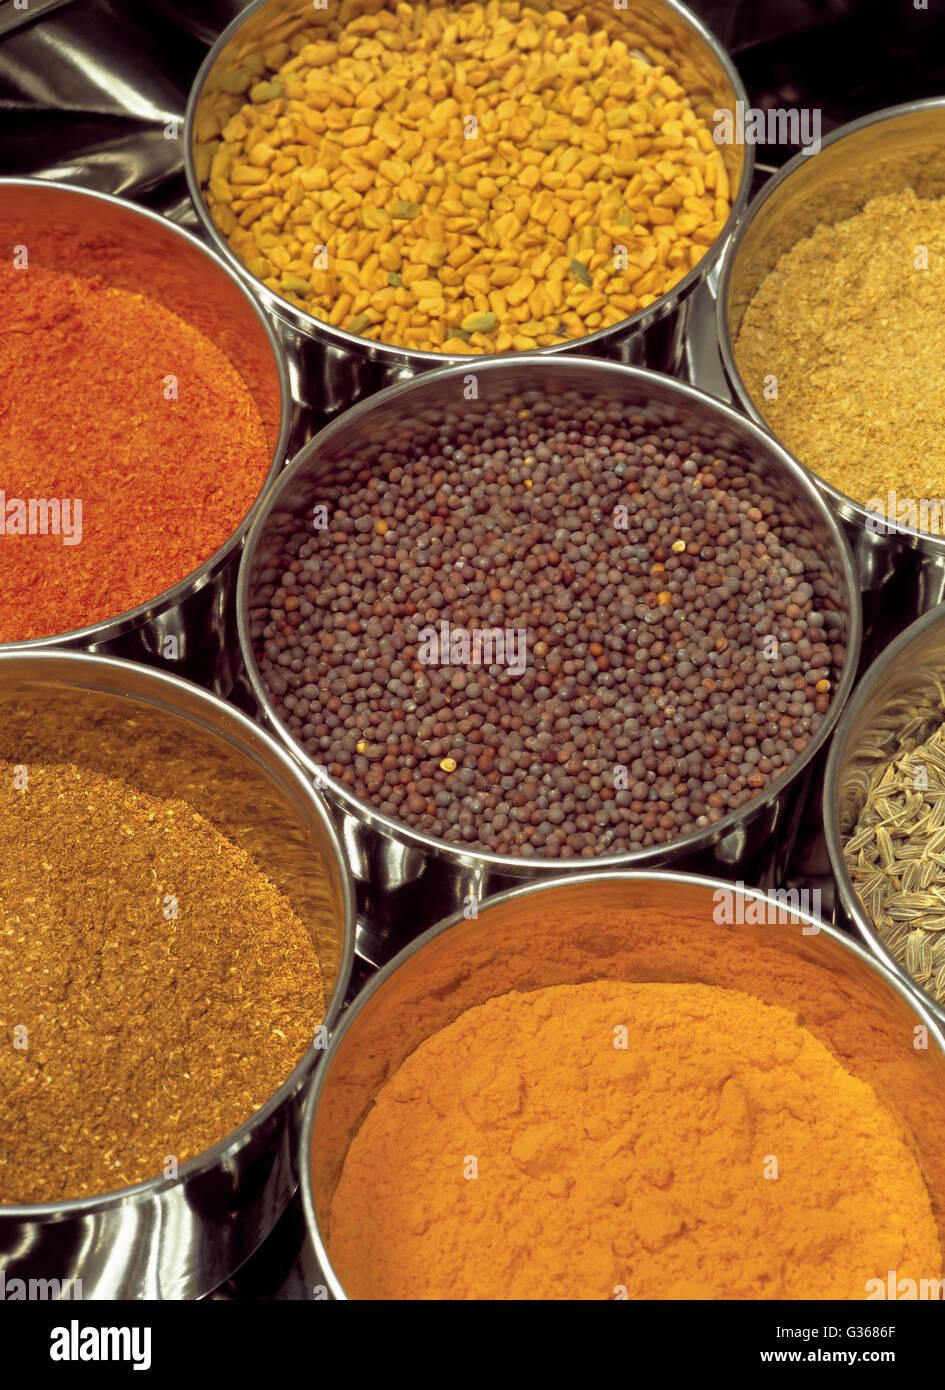 Foto di spezie indiane - Masala scatola contenente fieno greco, curry, garam, nero semi di senape, chili di semi Immagini Stock